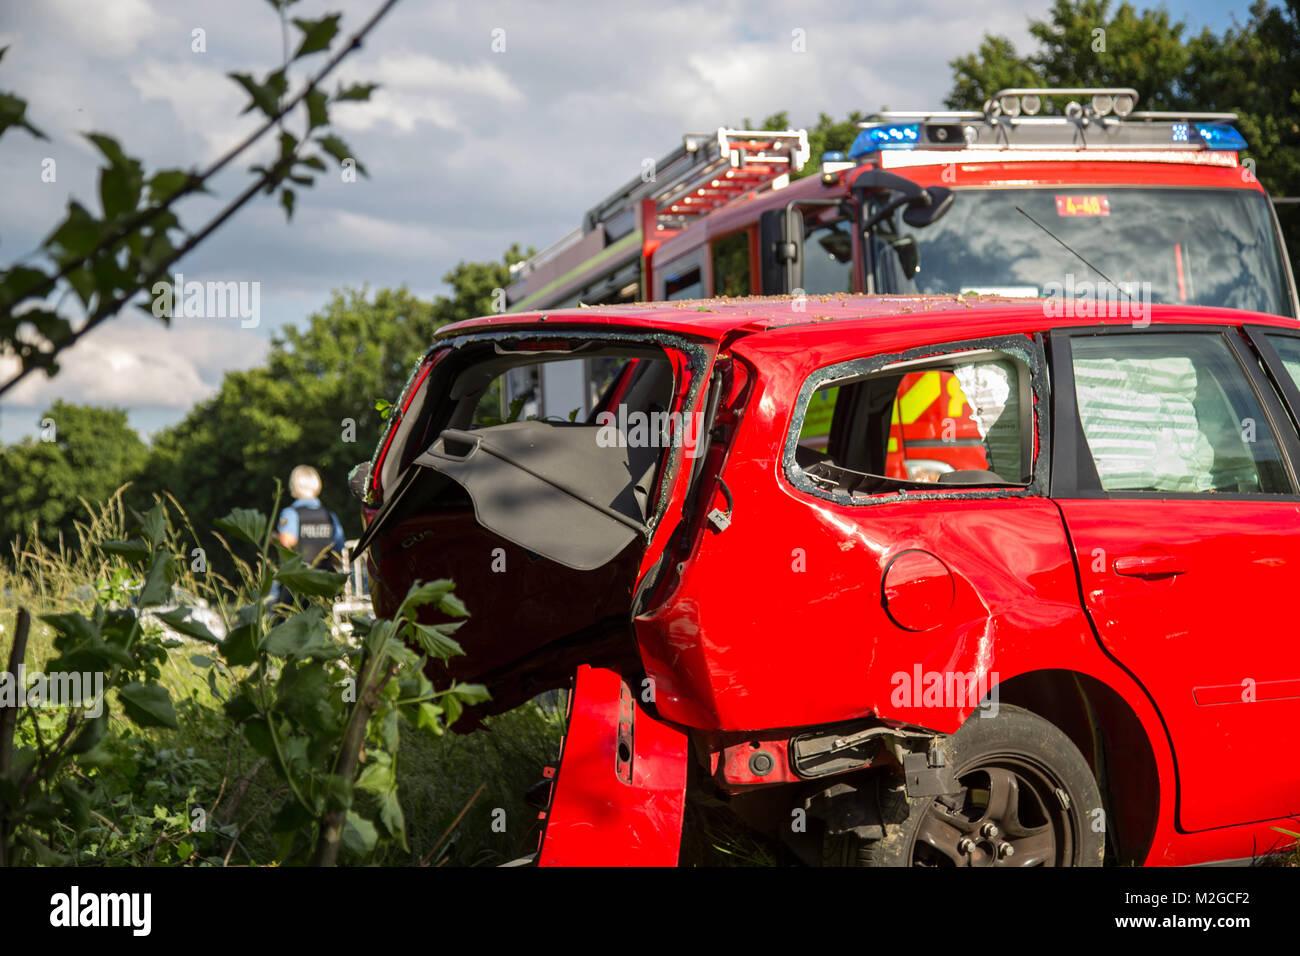 Einsatzkräfte von Feuerwehr, Rettungsdienst und Polizei arbeiten am ...